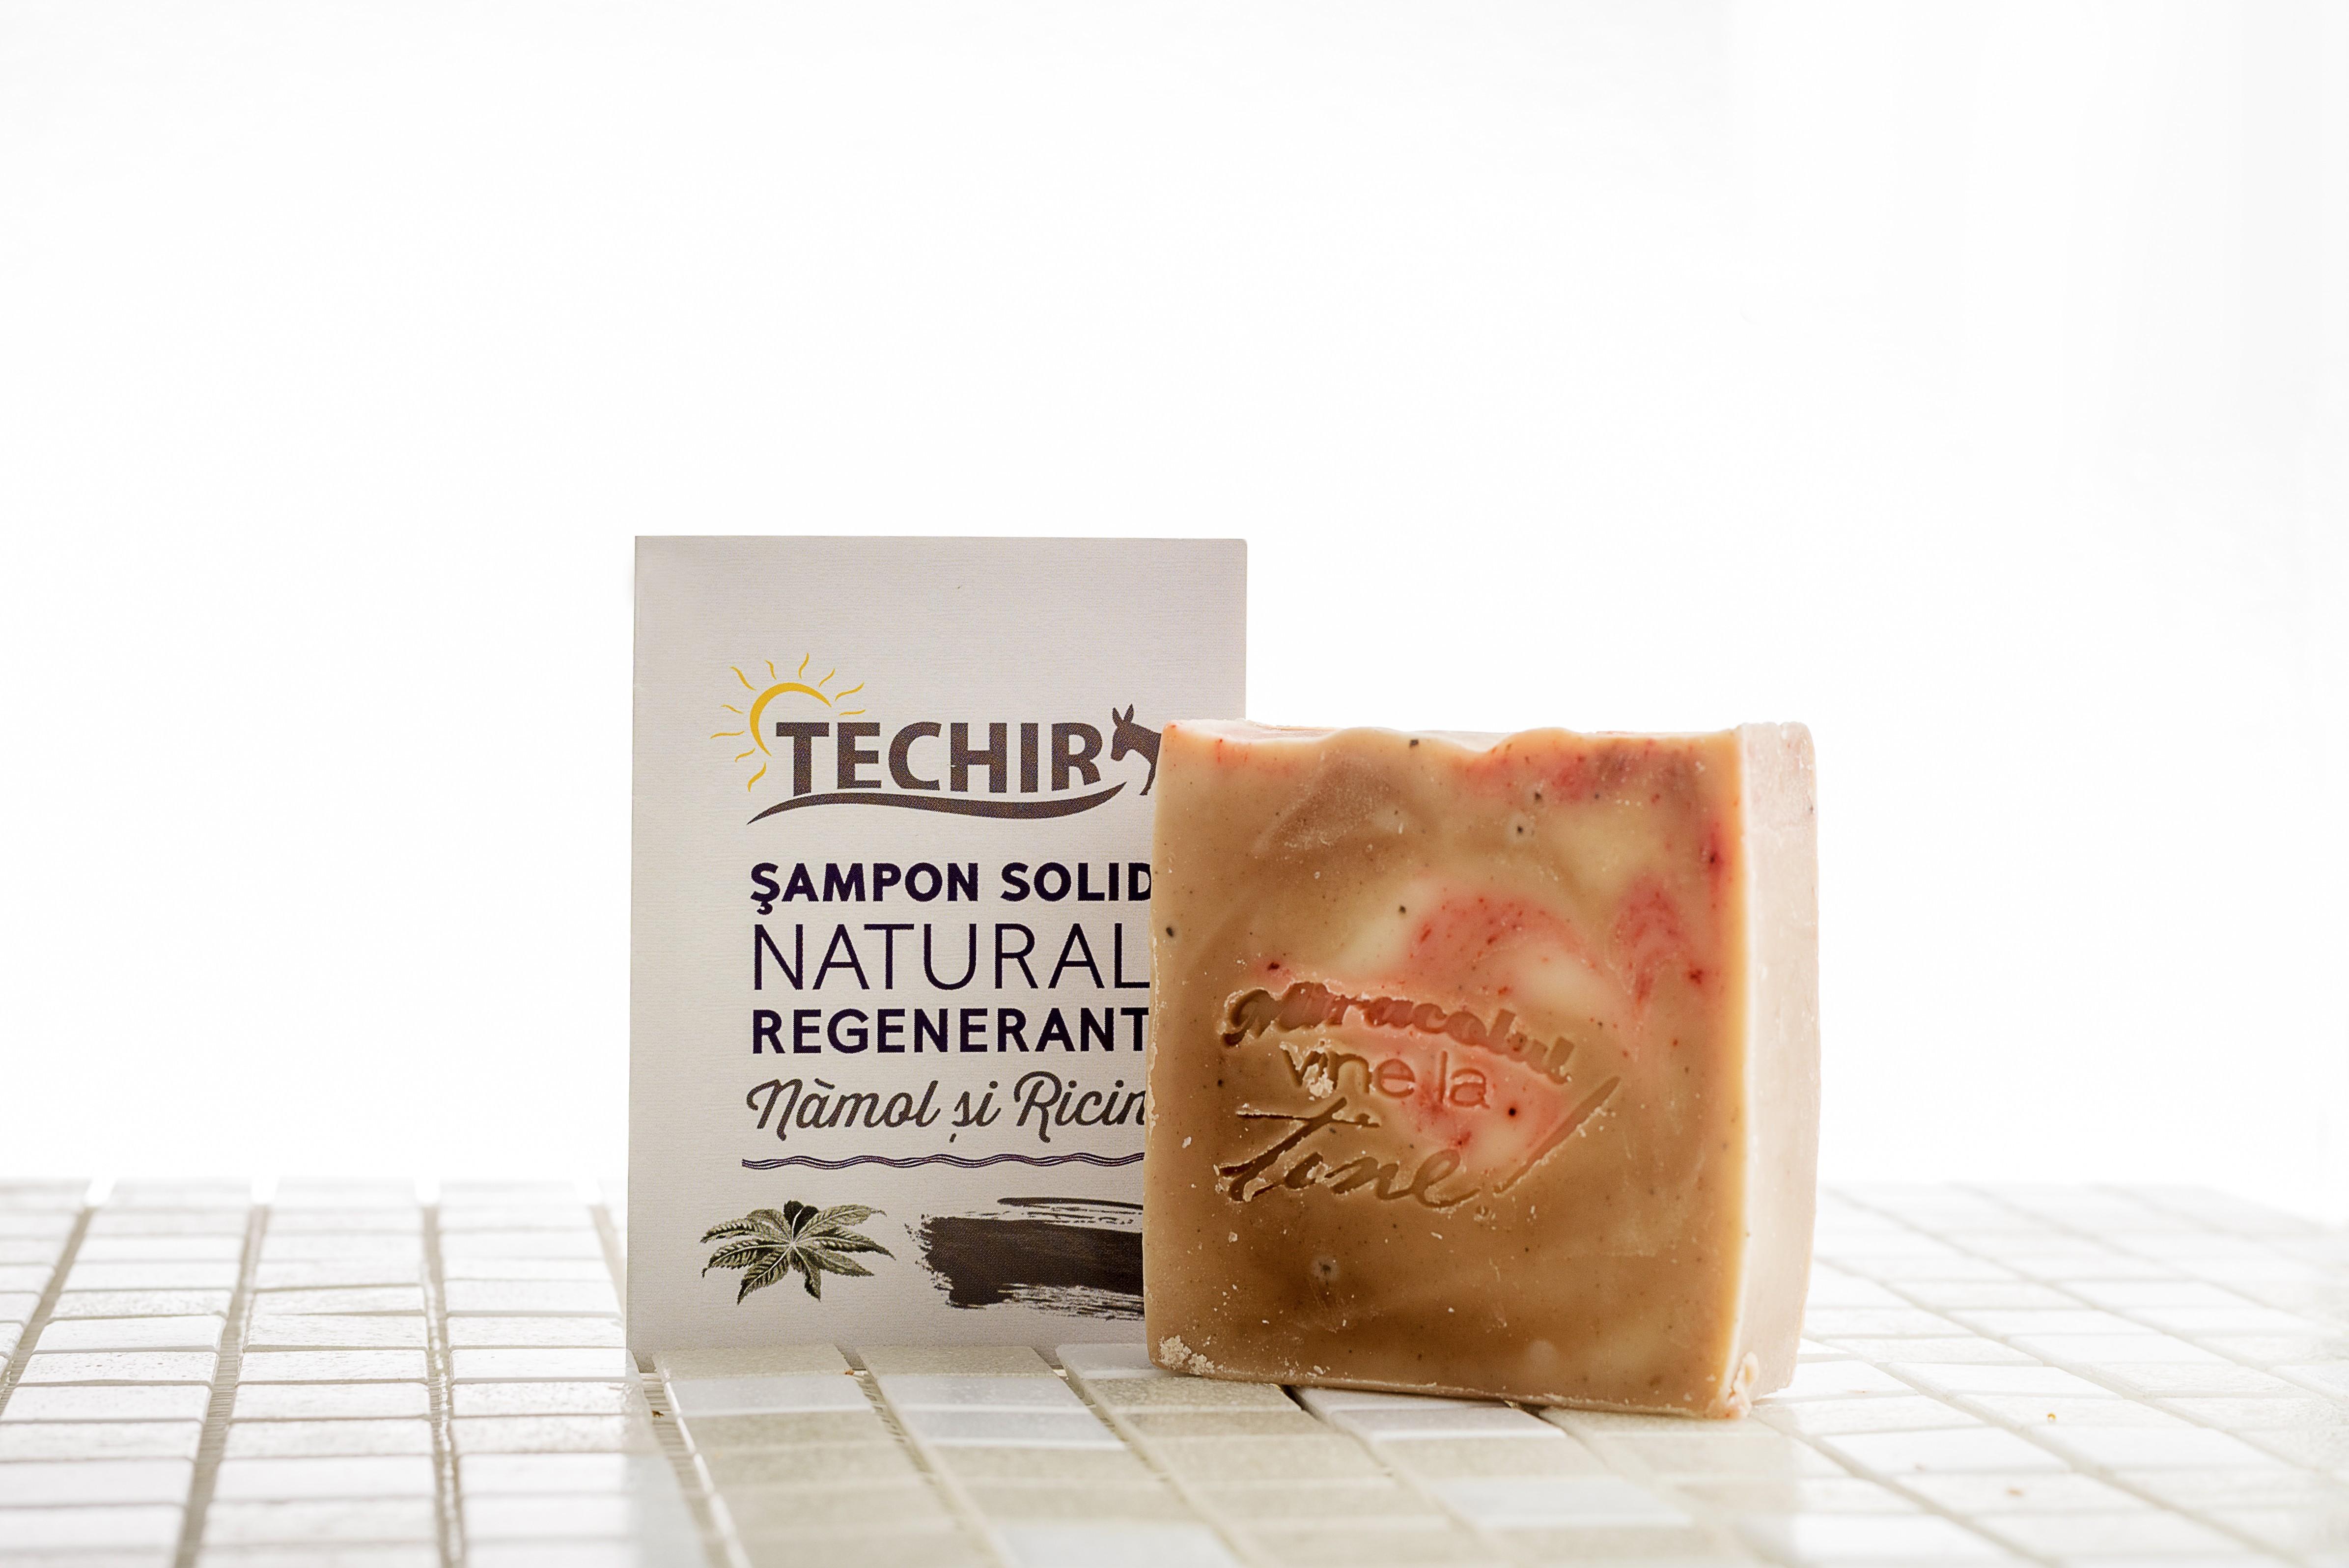 Șampon Solid Techir Regenerant Și Săpun Nutritiv De Corp imagine techstar.ro 2021